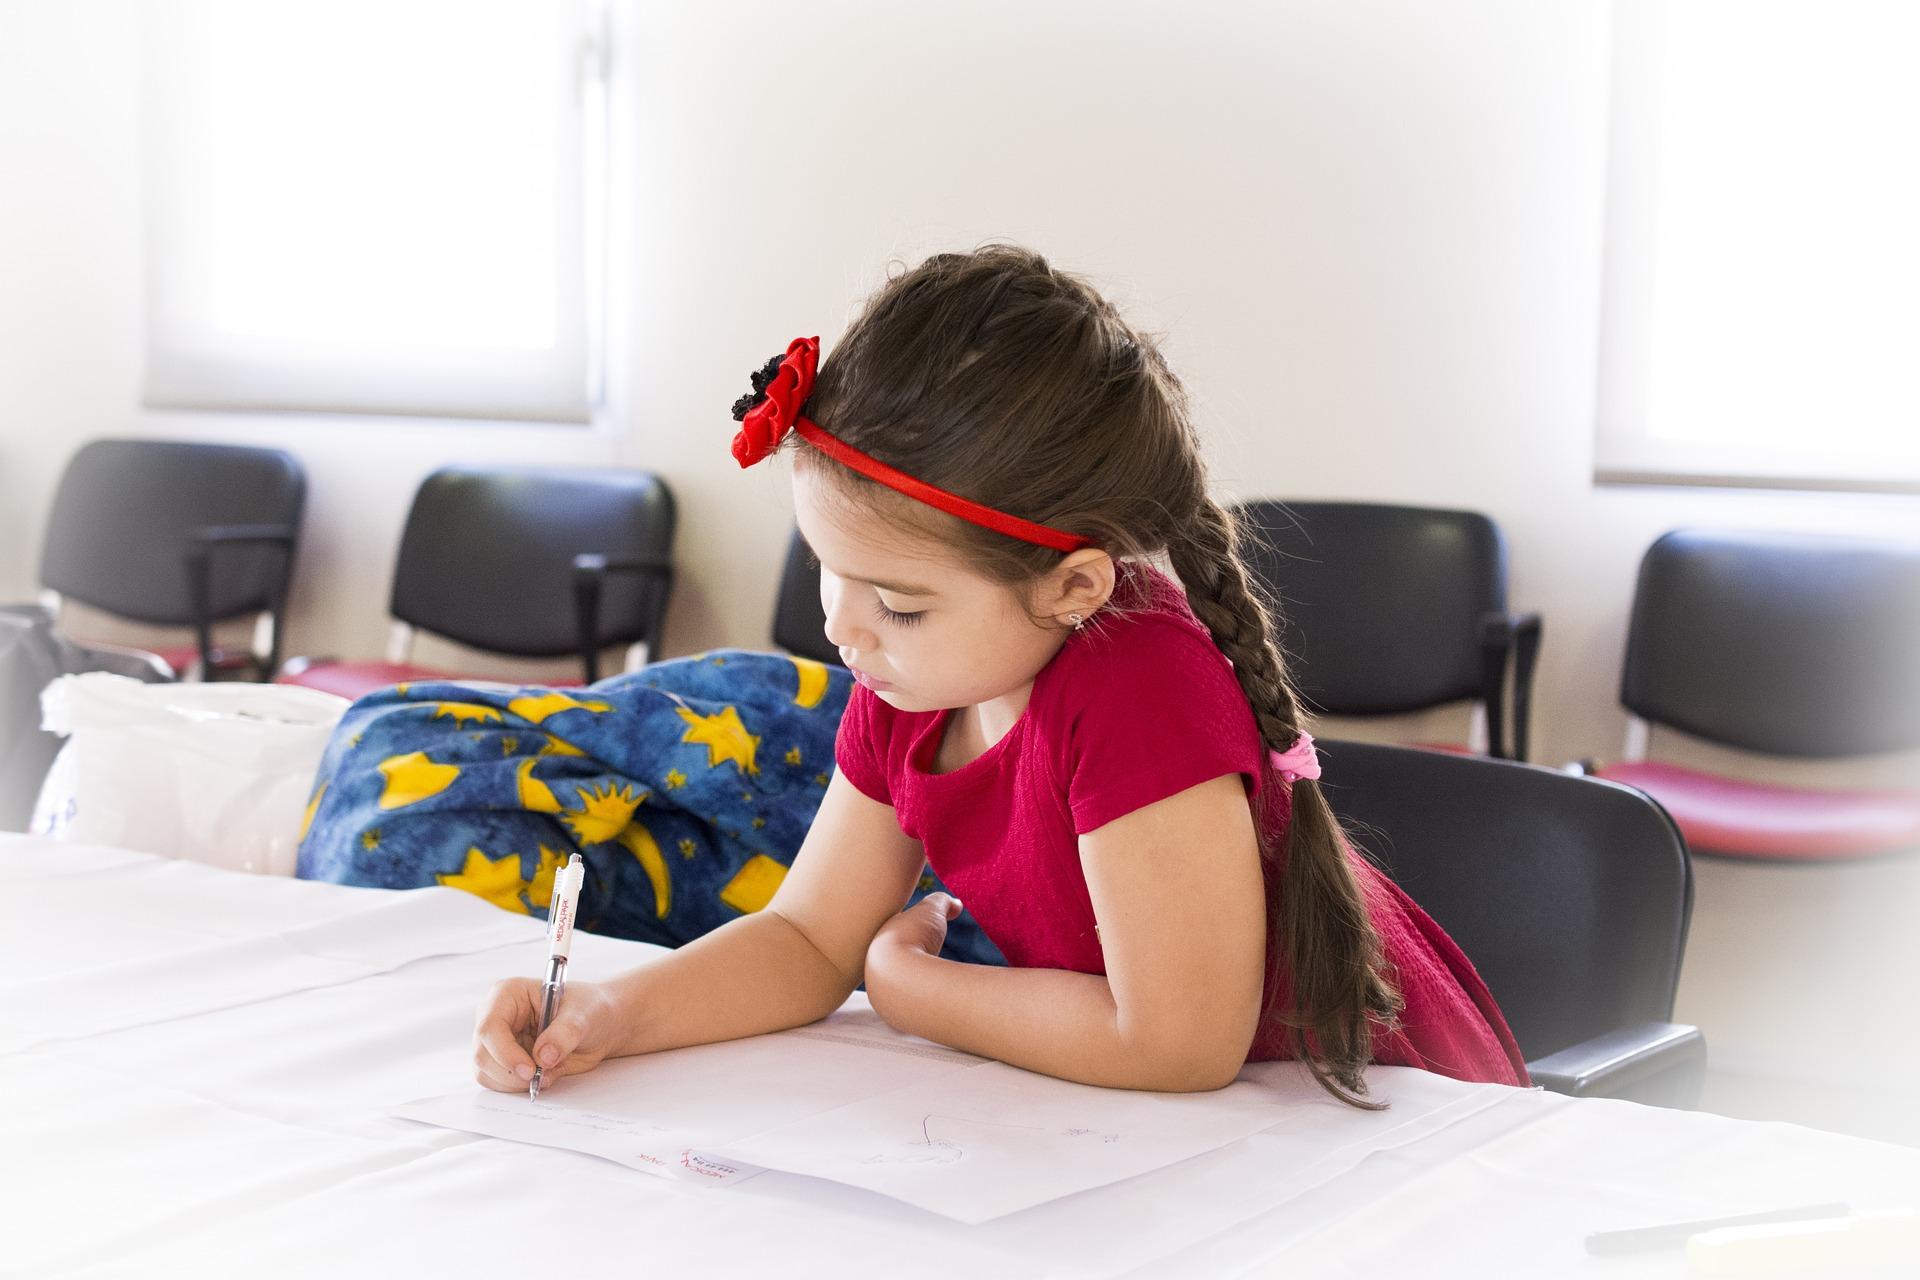 Slovenski šolski sistem je potreben nujne prevetritve